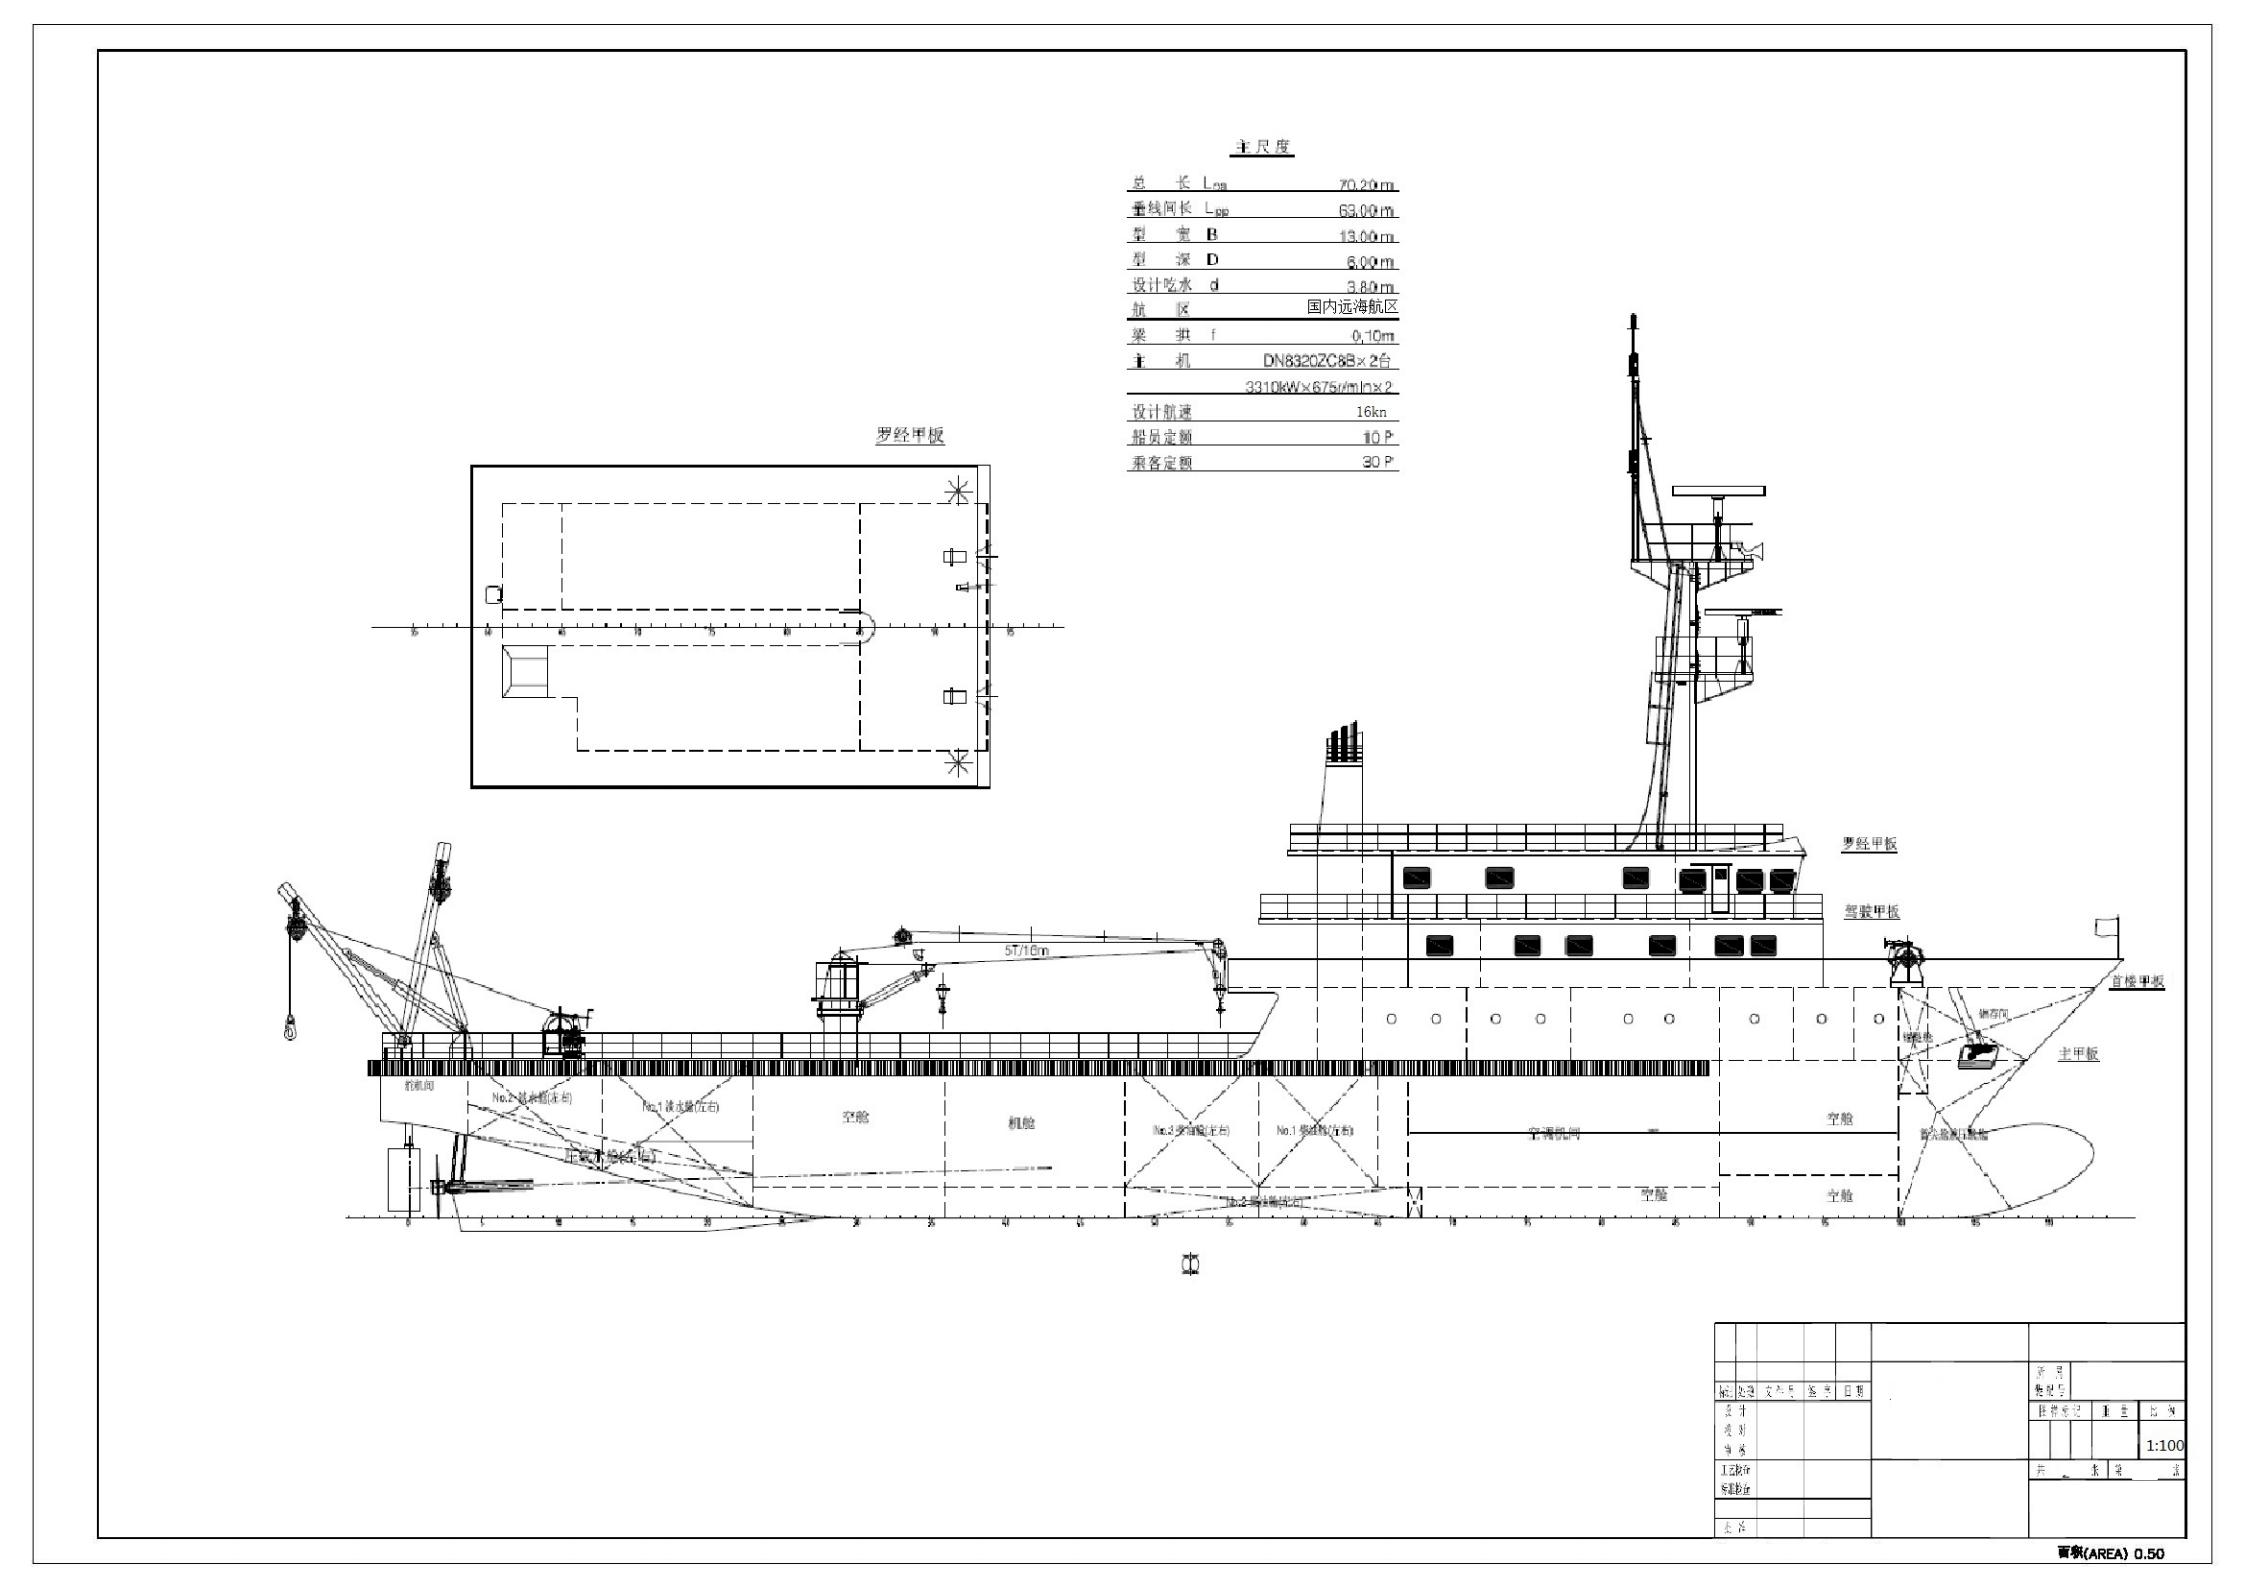 光船出租或合作运营